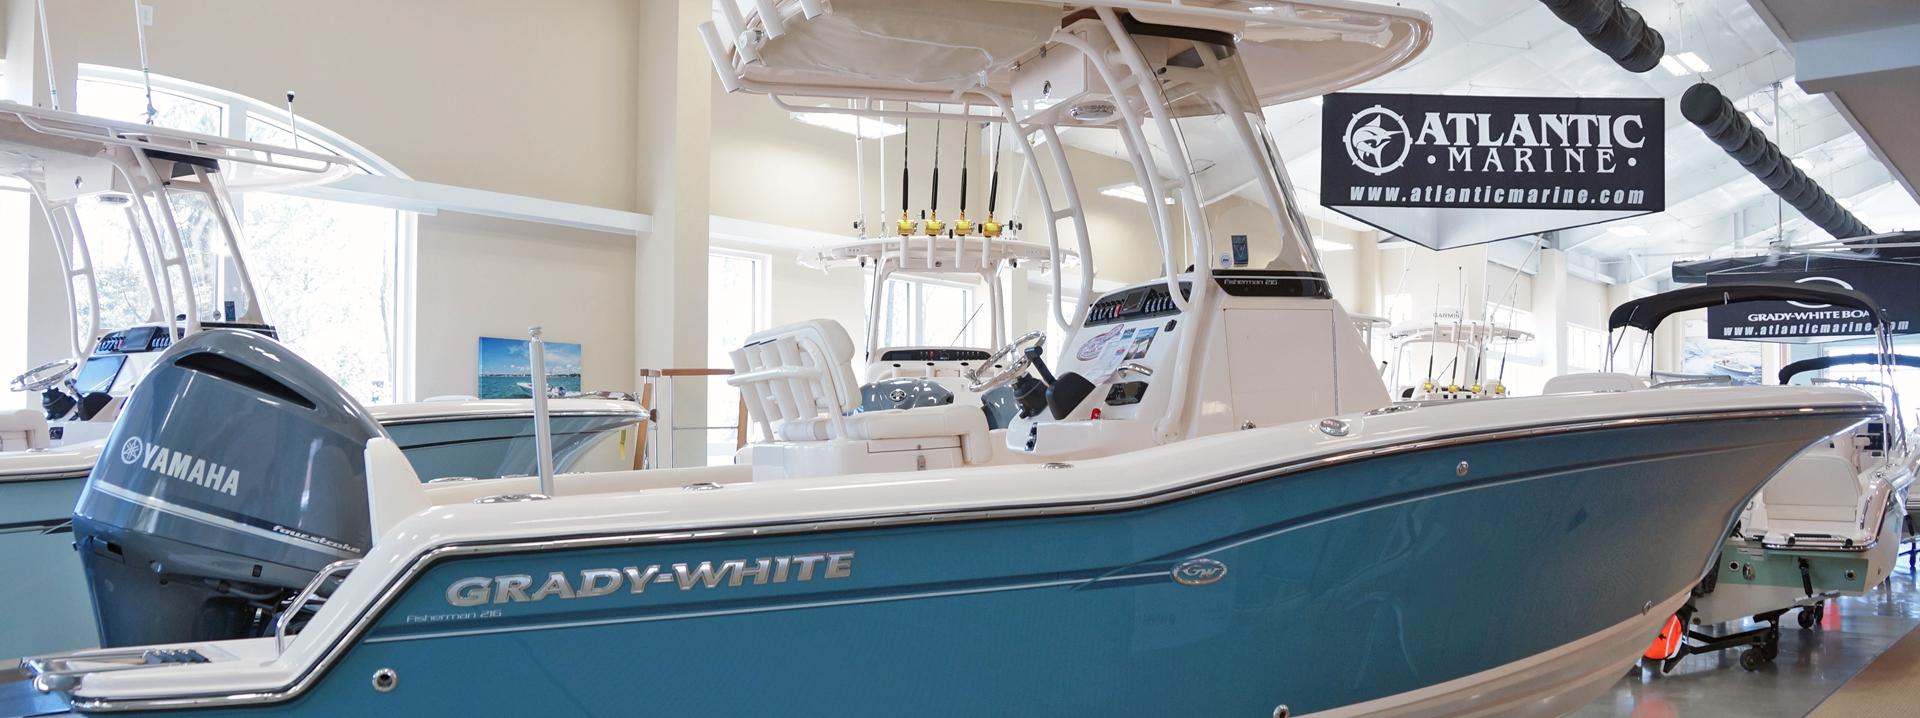 2019 Grady-White 216 Fisherman -